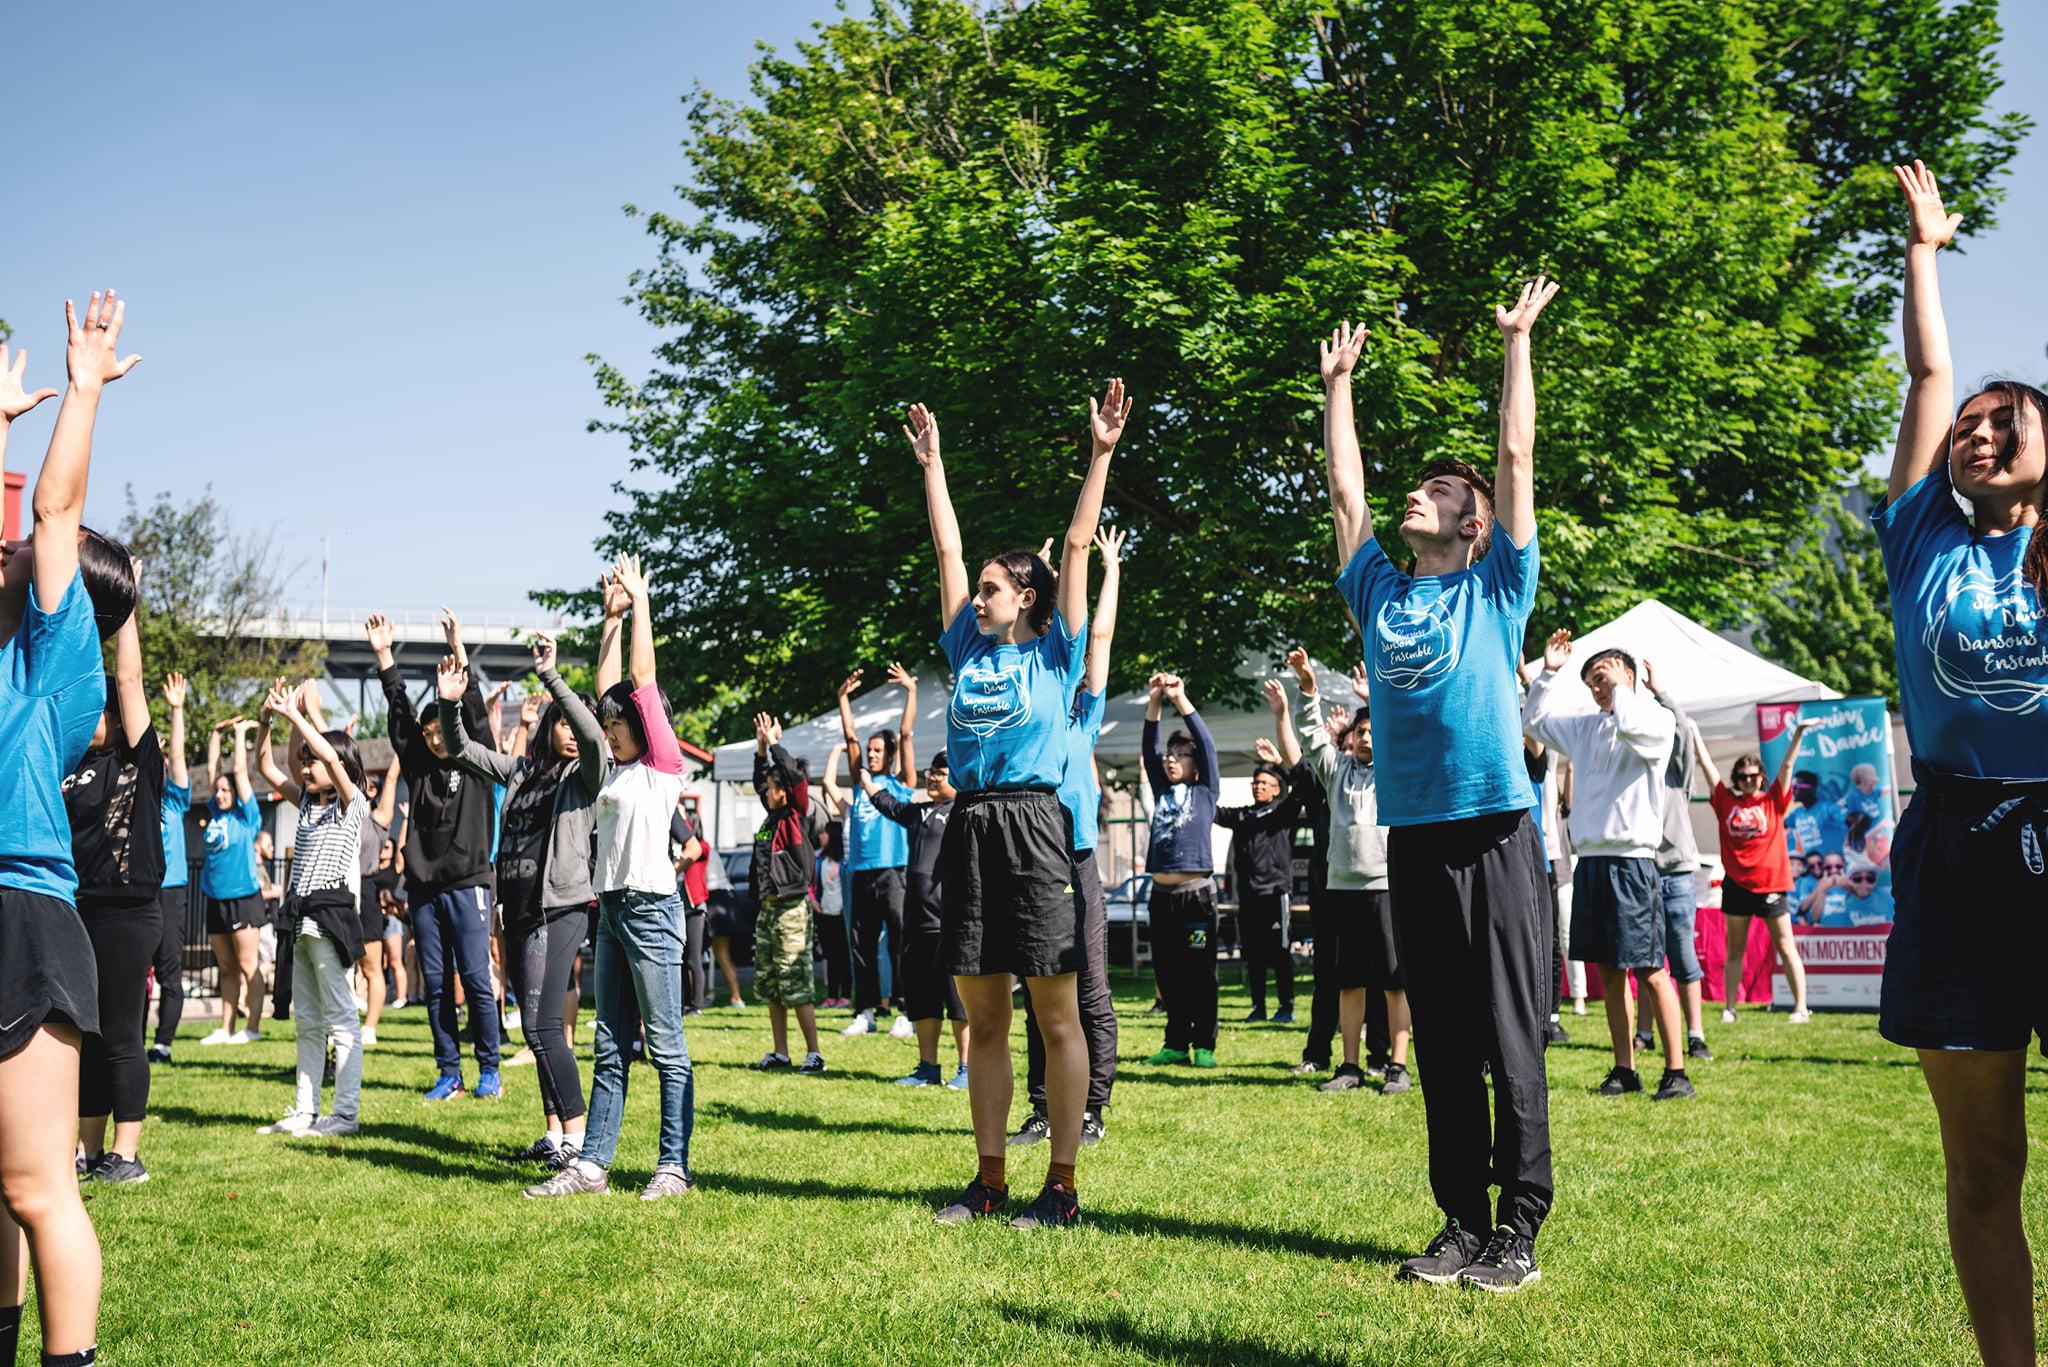 Arts Umbrella Dance, Sharing Dance Day